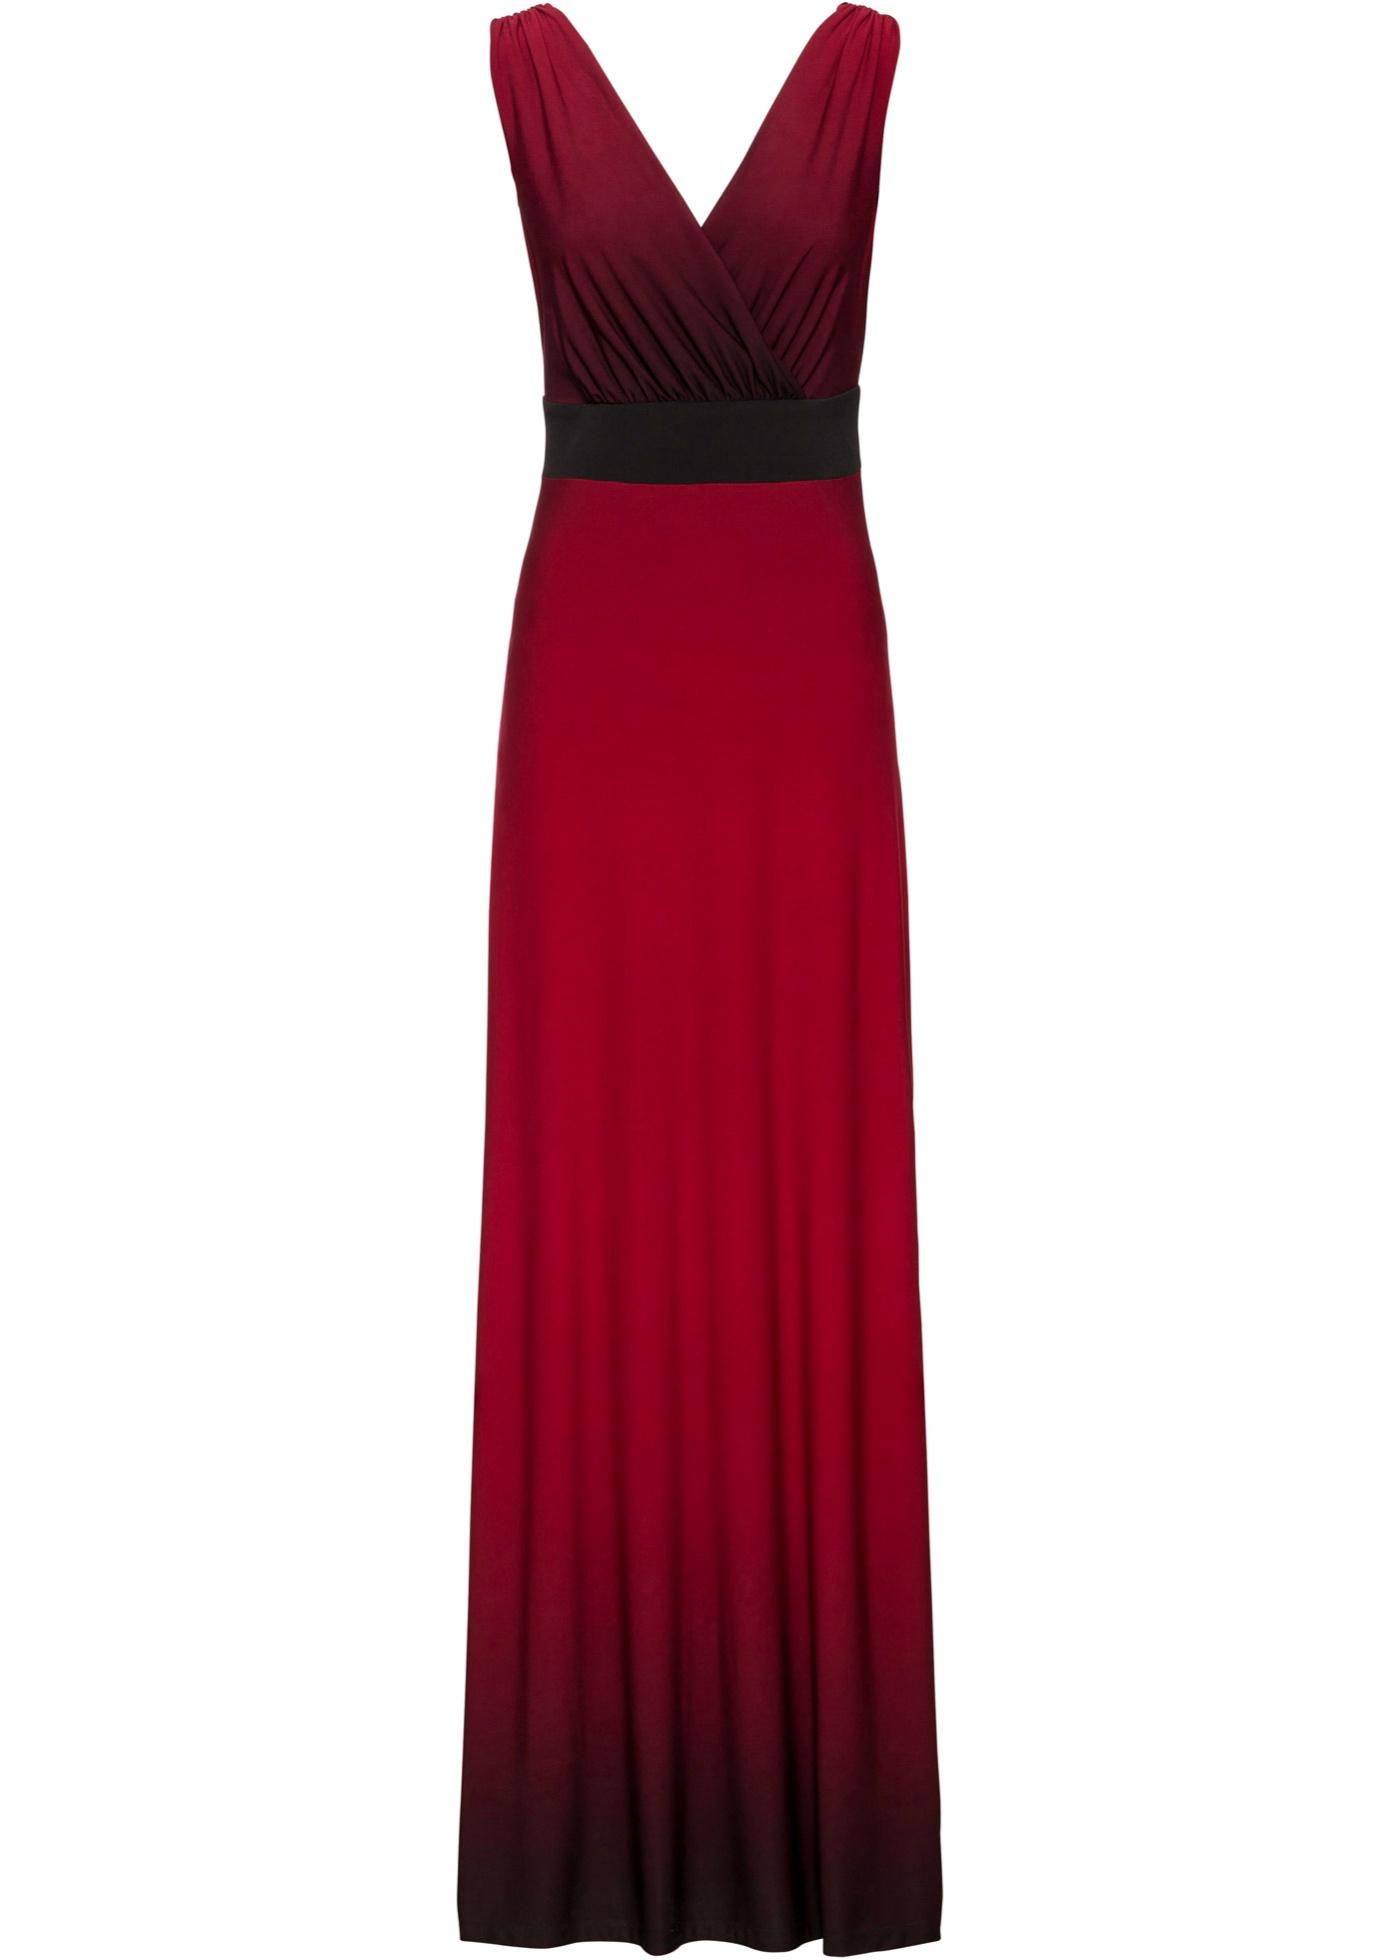 Festtagsmode - Abendkleid mit tiefen Ausschnitt › bonprix › rot  - Onlineshop Bonprix